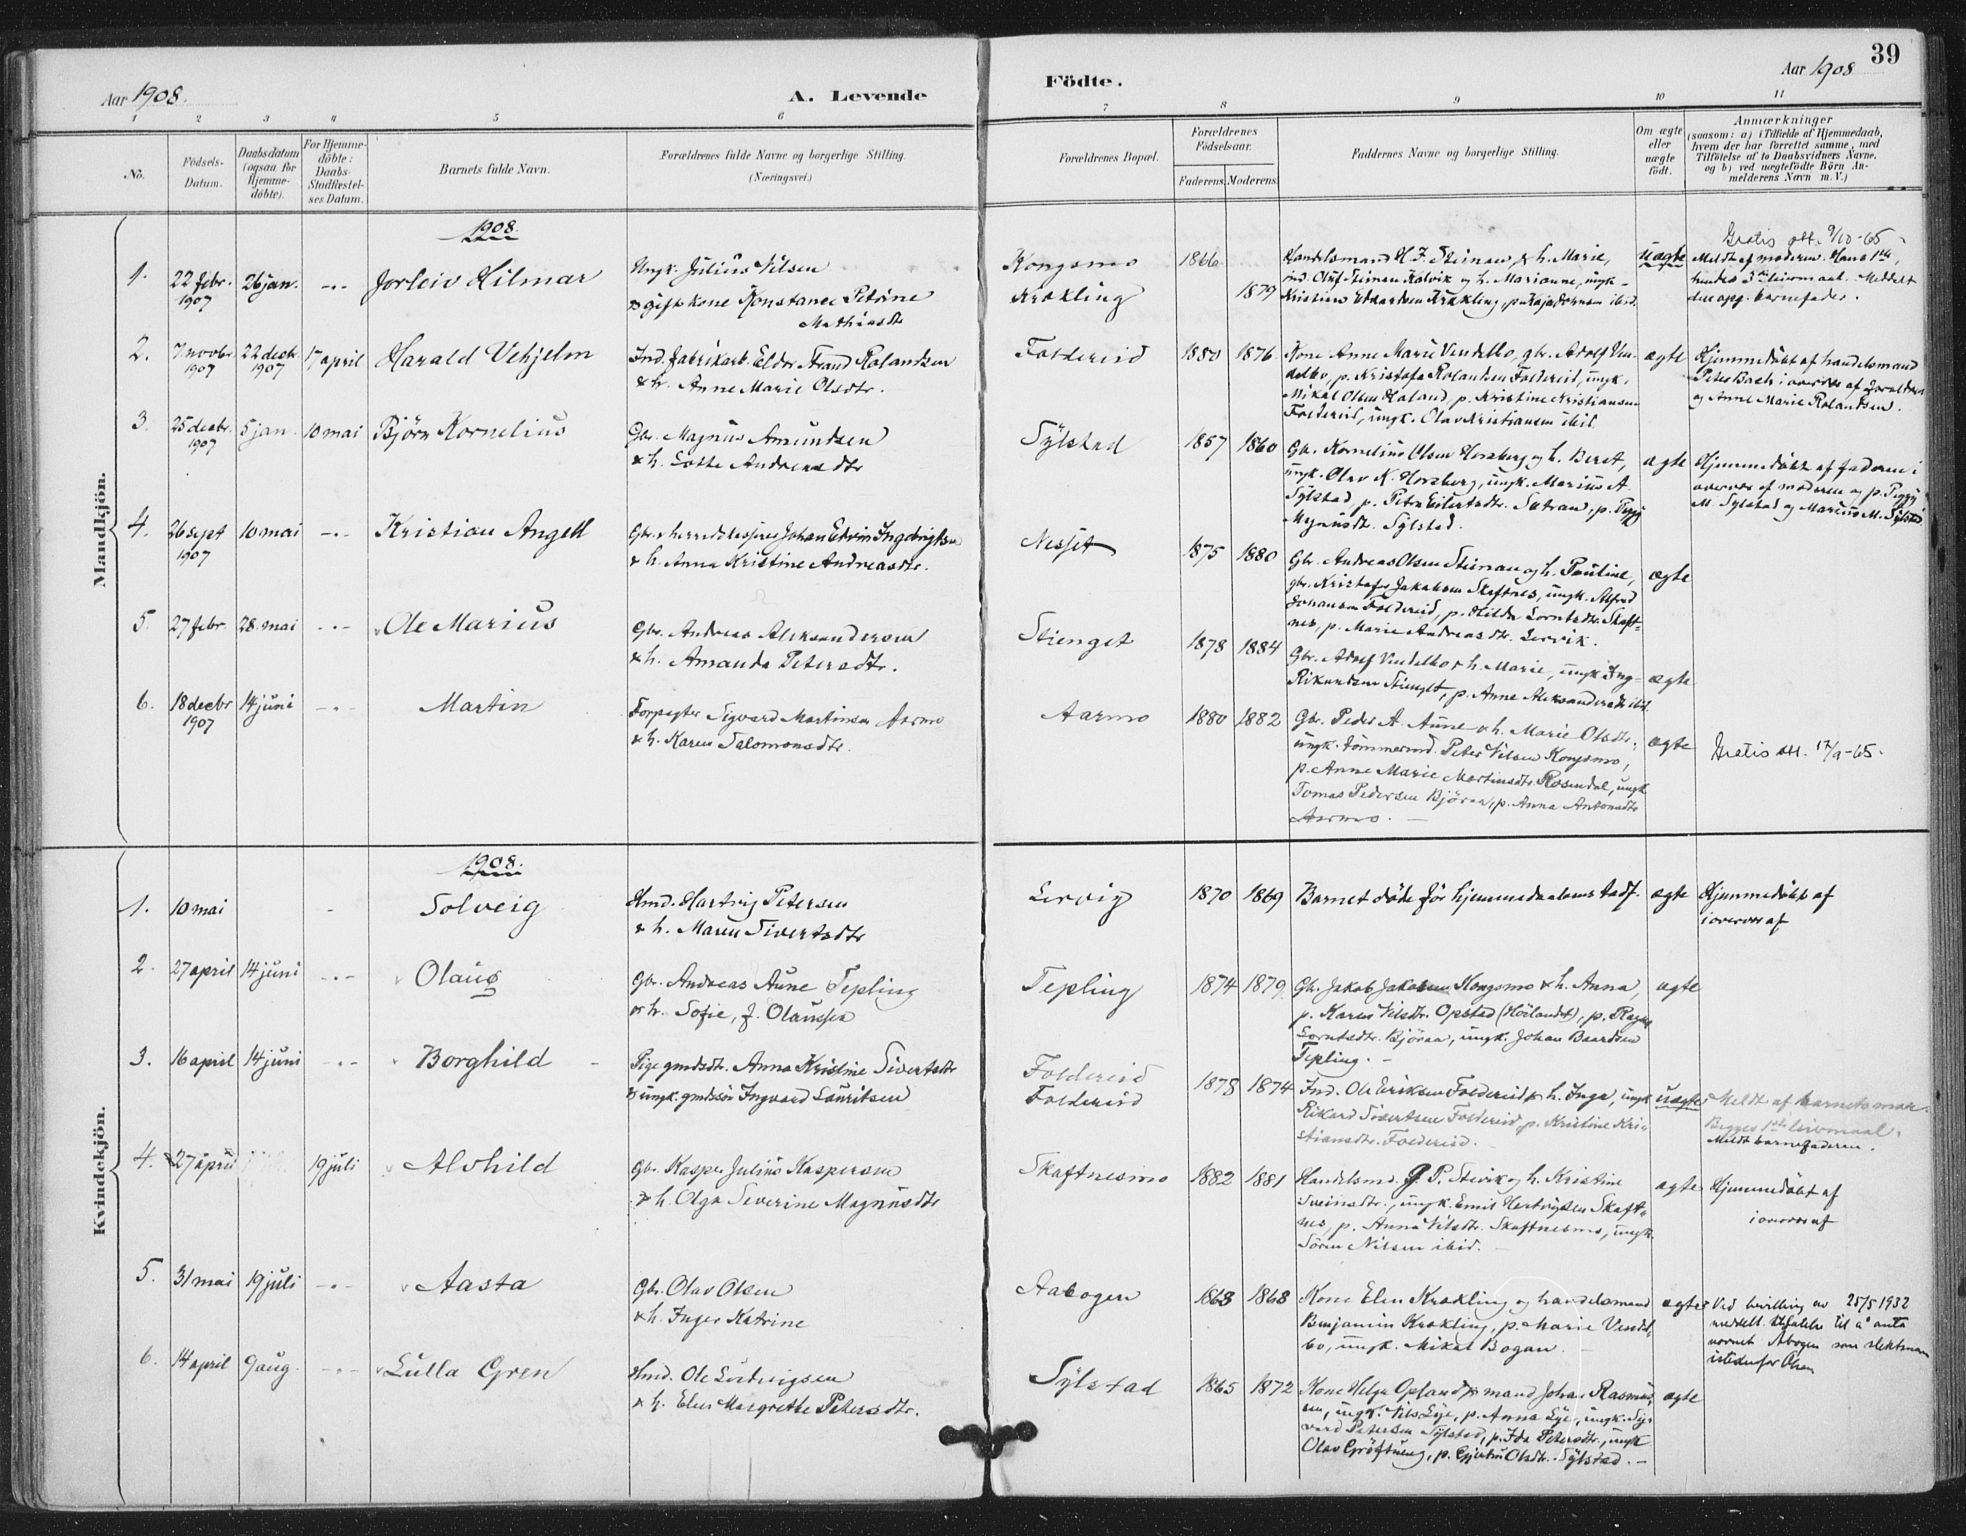 SAT, Ministerialprotokoller, klokkerbøker og fødselsregistre - Nord-Trøndelag, 783/L0660: Ministerialbok nr. 783A02, 1886-1918, s. 39